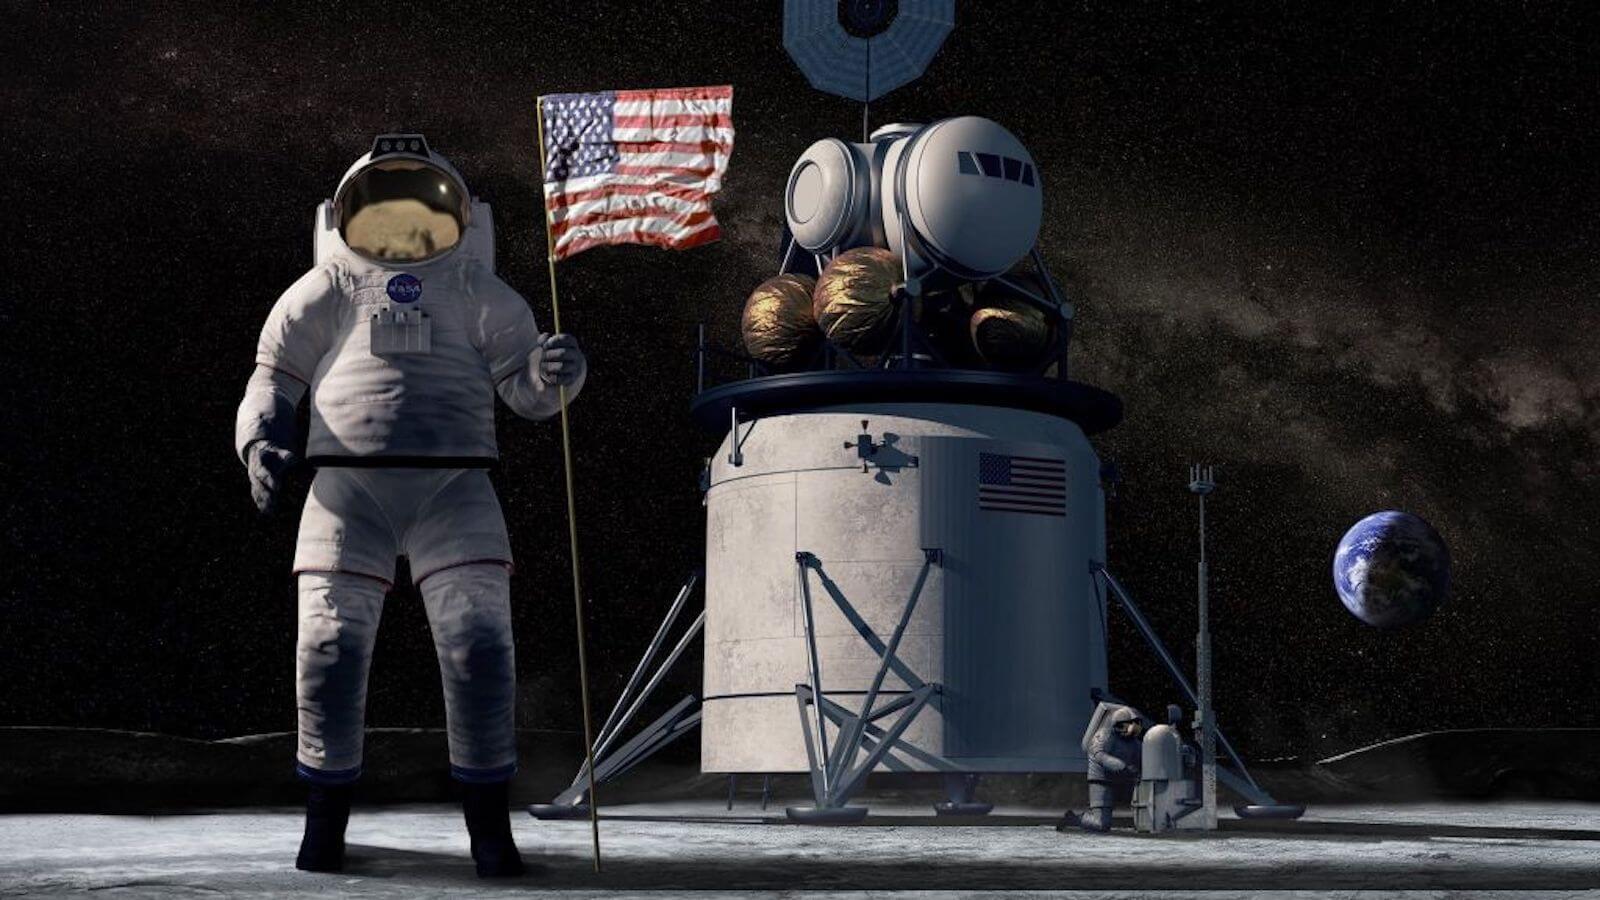 米再開の月面探査 初着陸は2人とも女性の可能性も Sorae 宇宙への